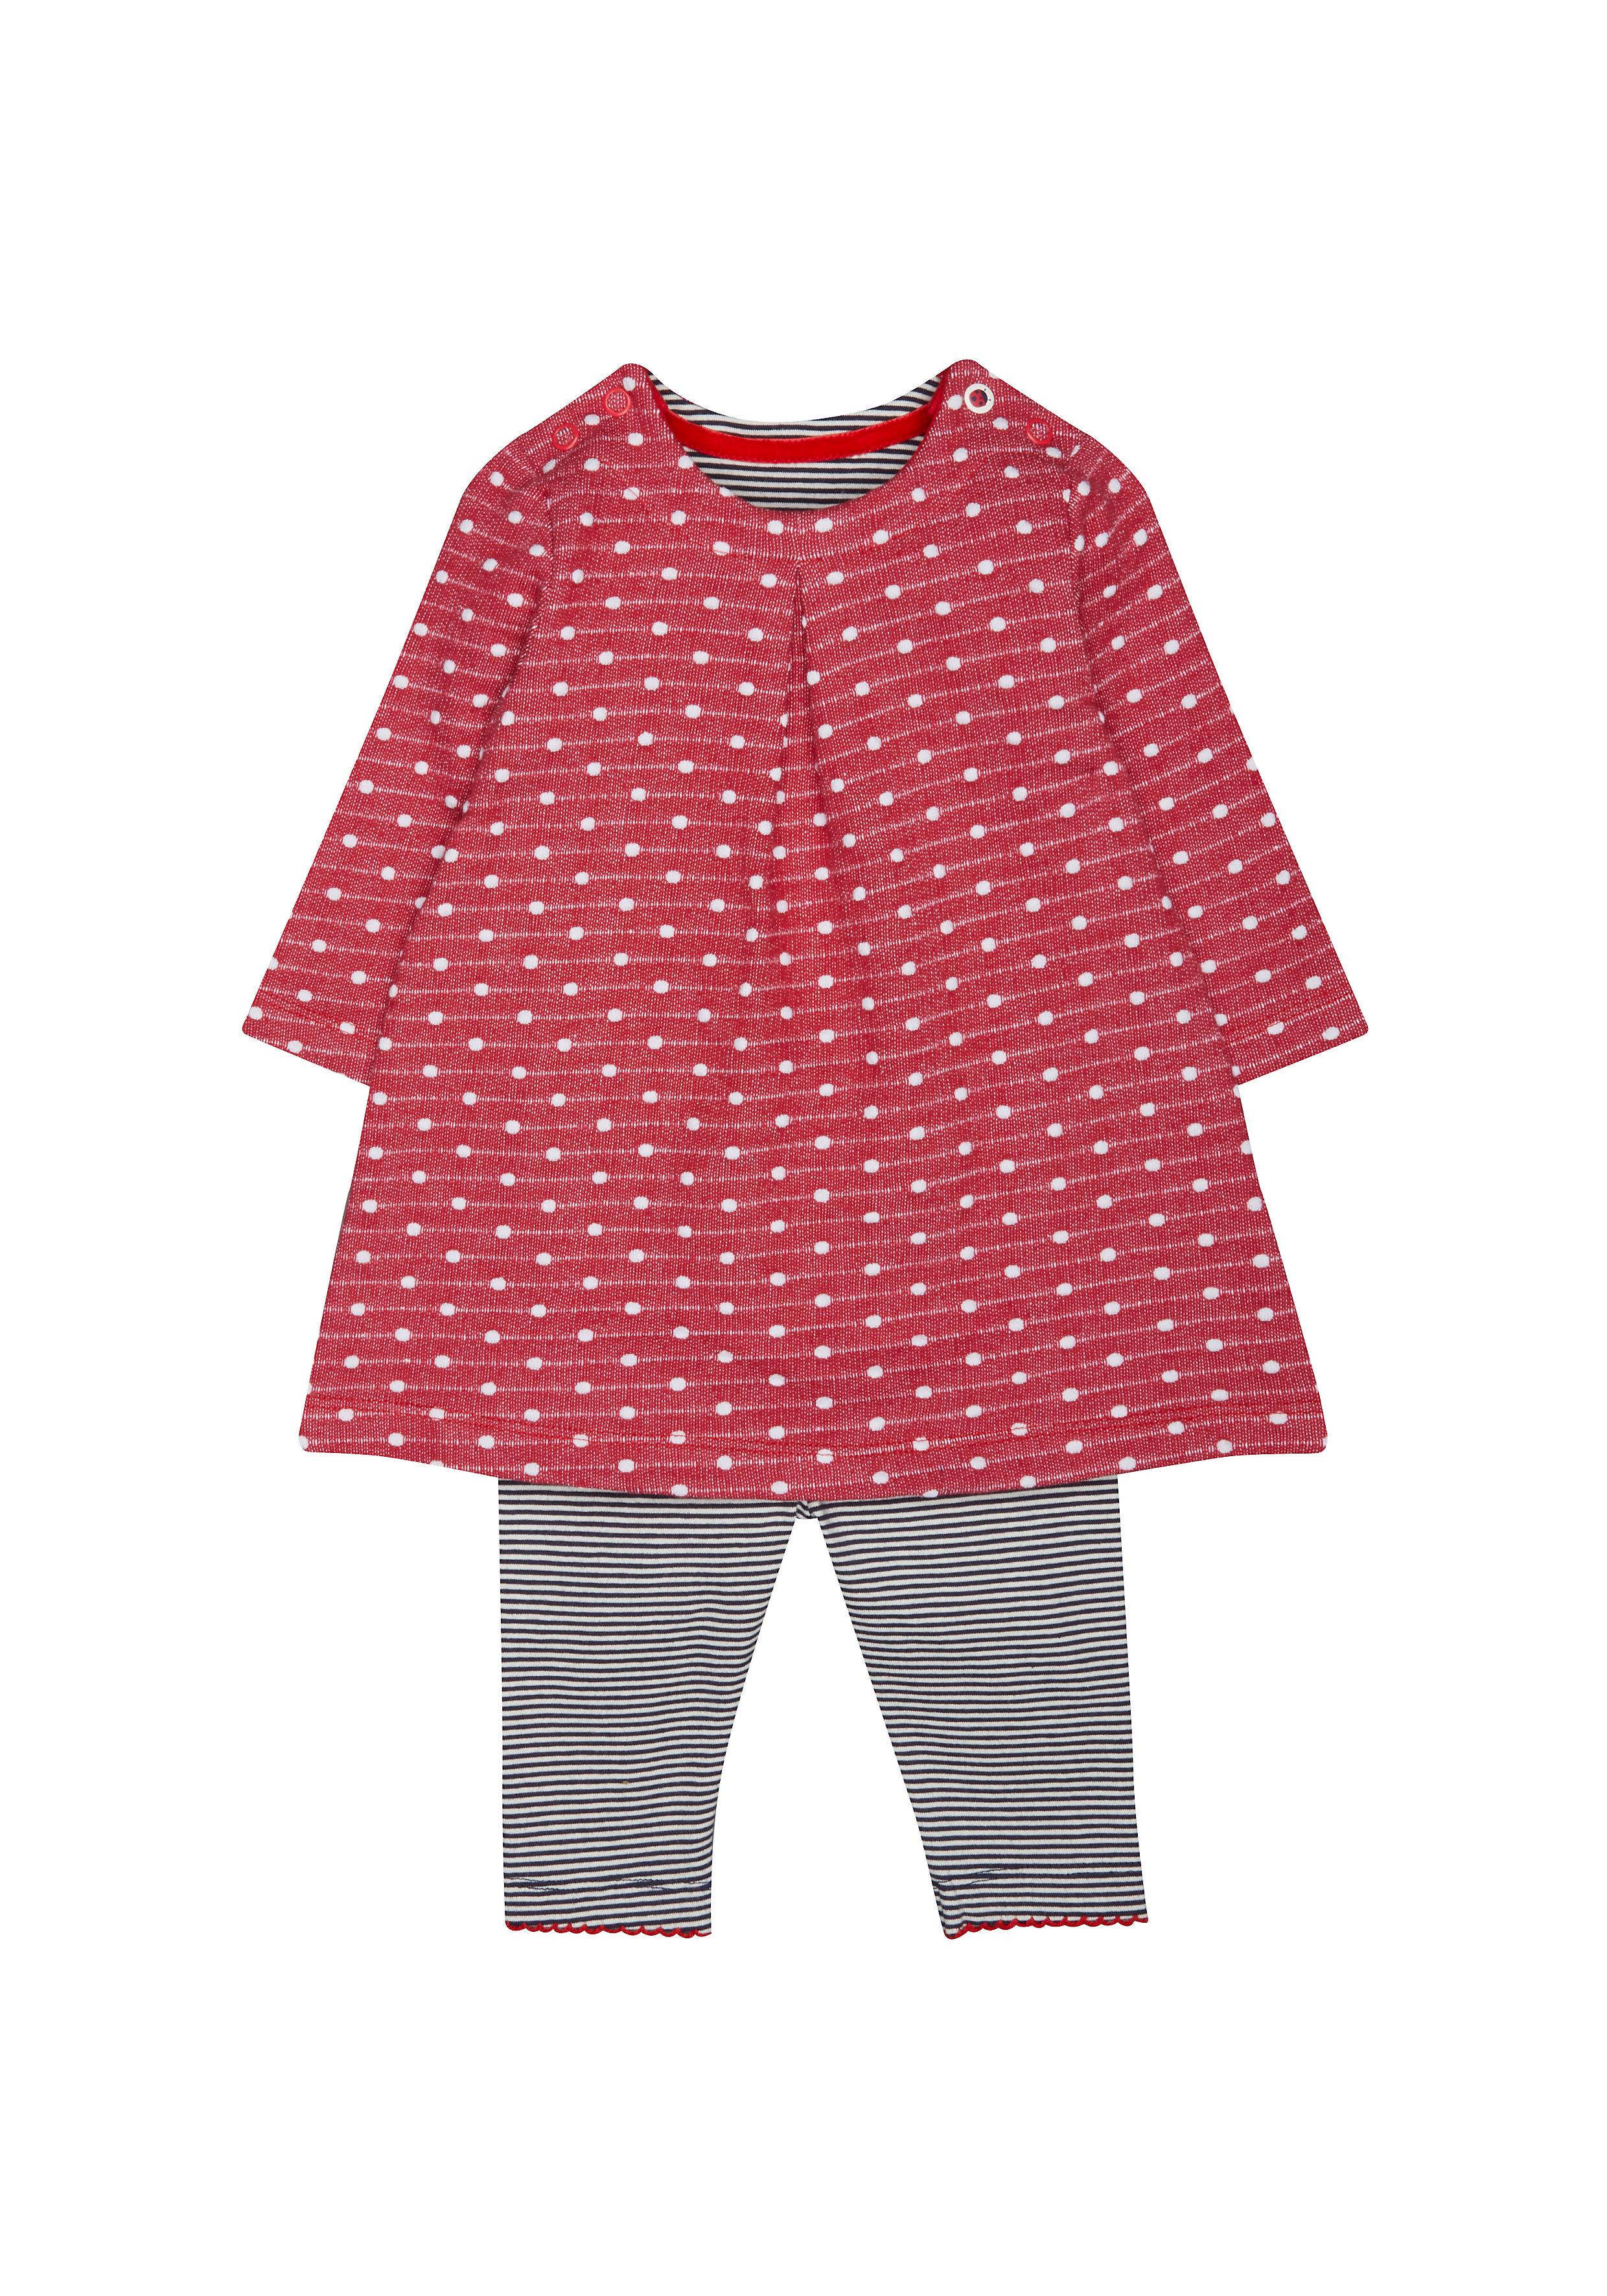 Mothercare   Girls Full Sleeves Dress And Legging Set Polka Dot Print - Red